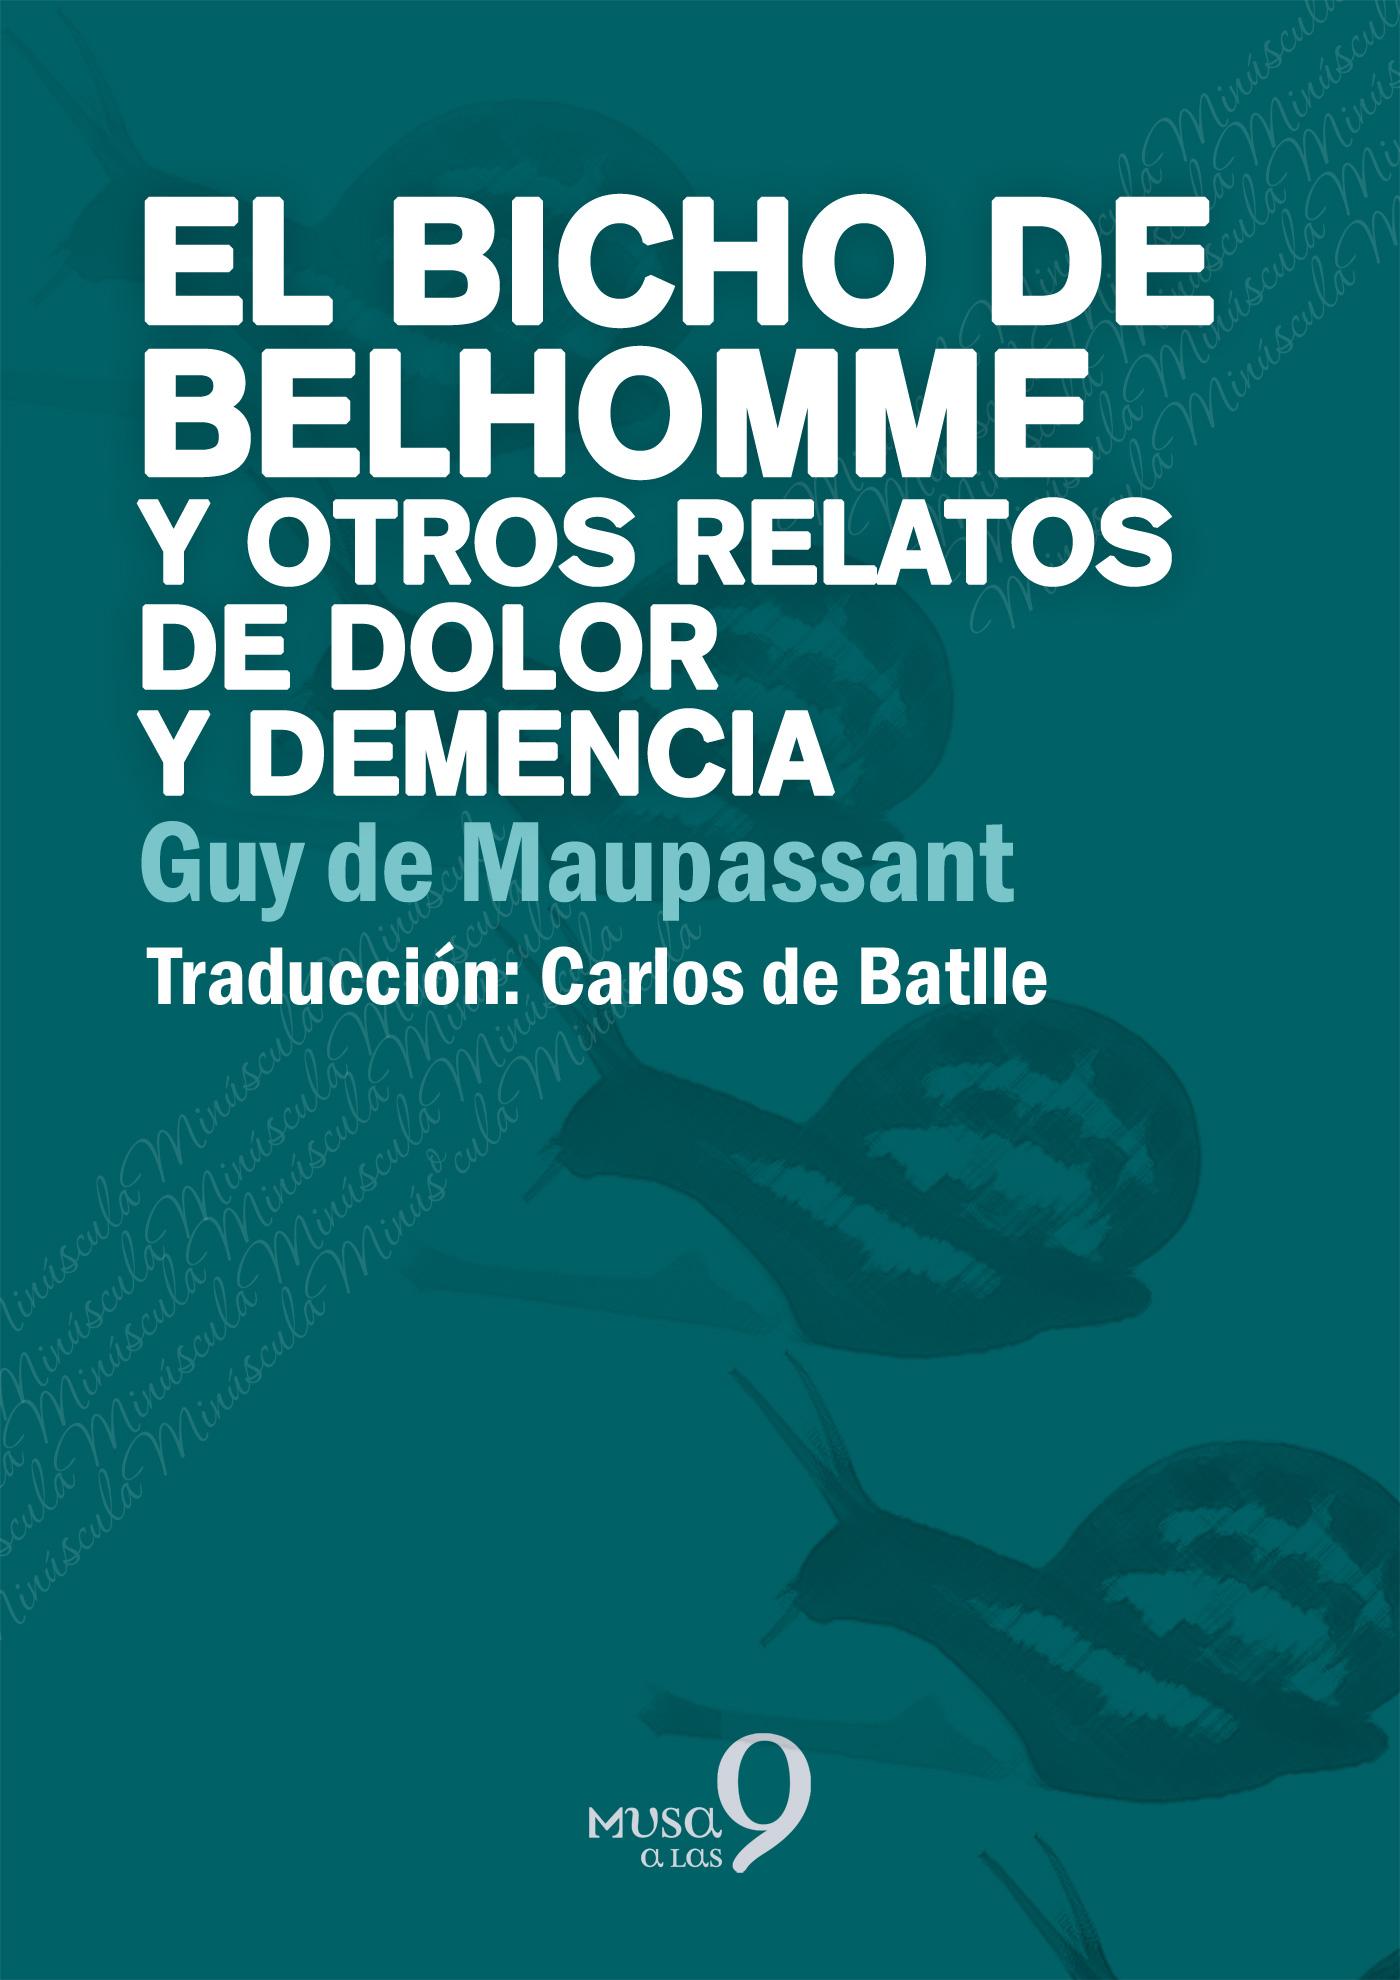 El bicho de Belhomme - cover